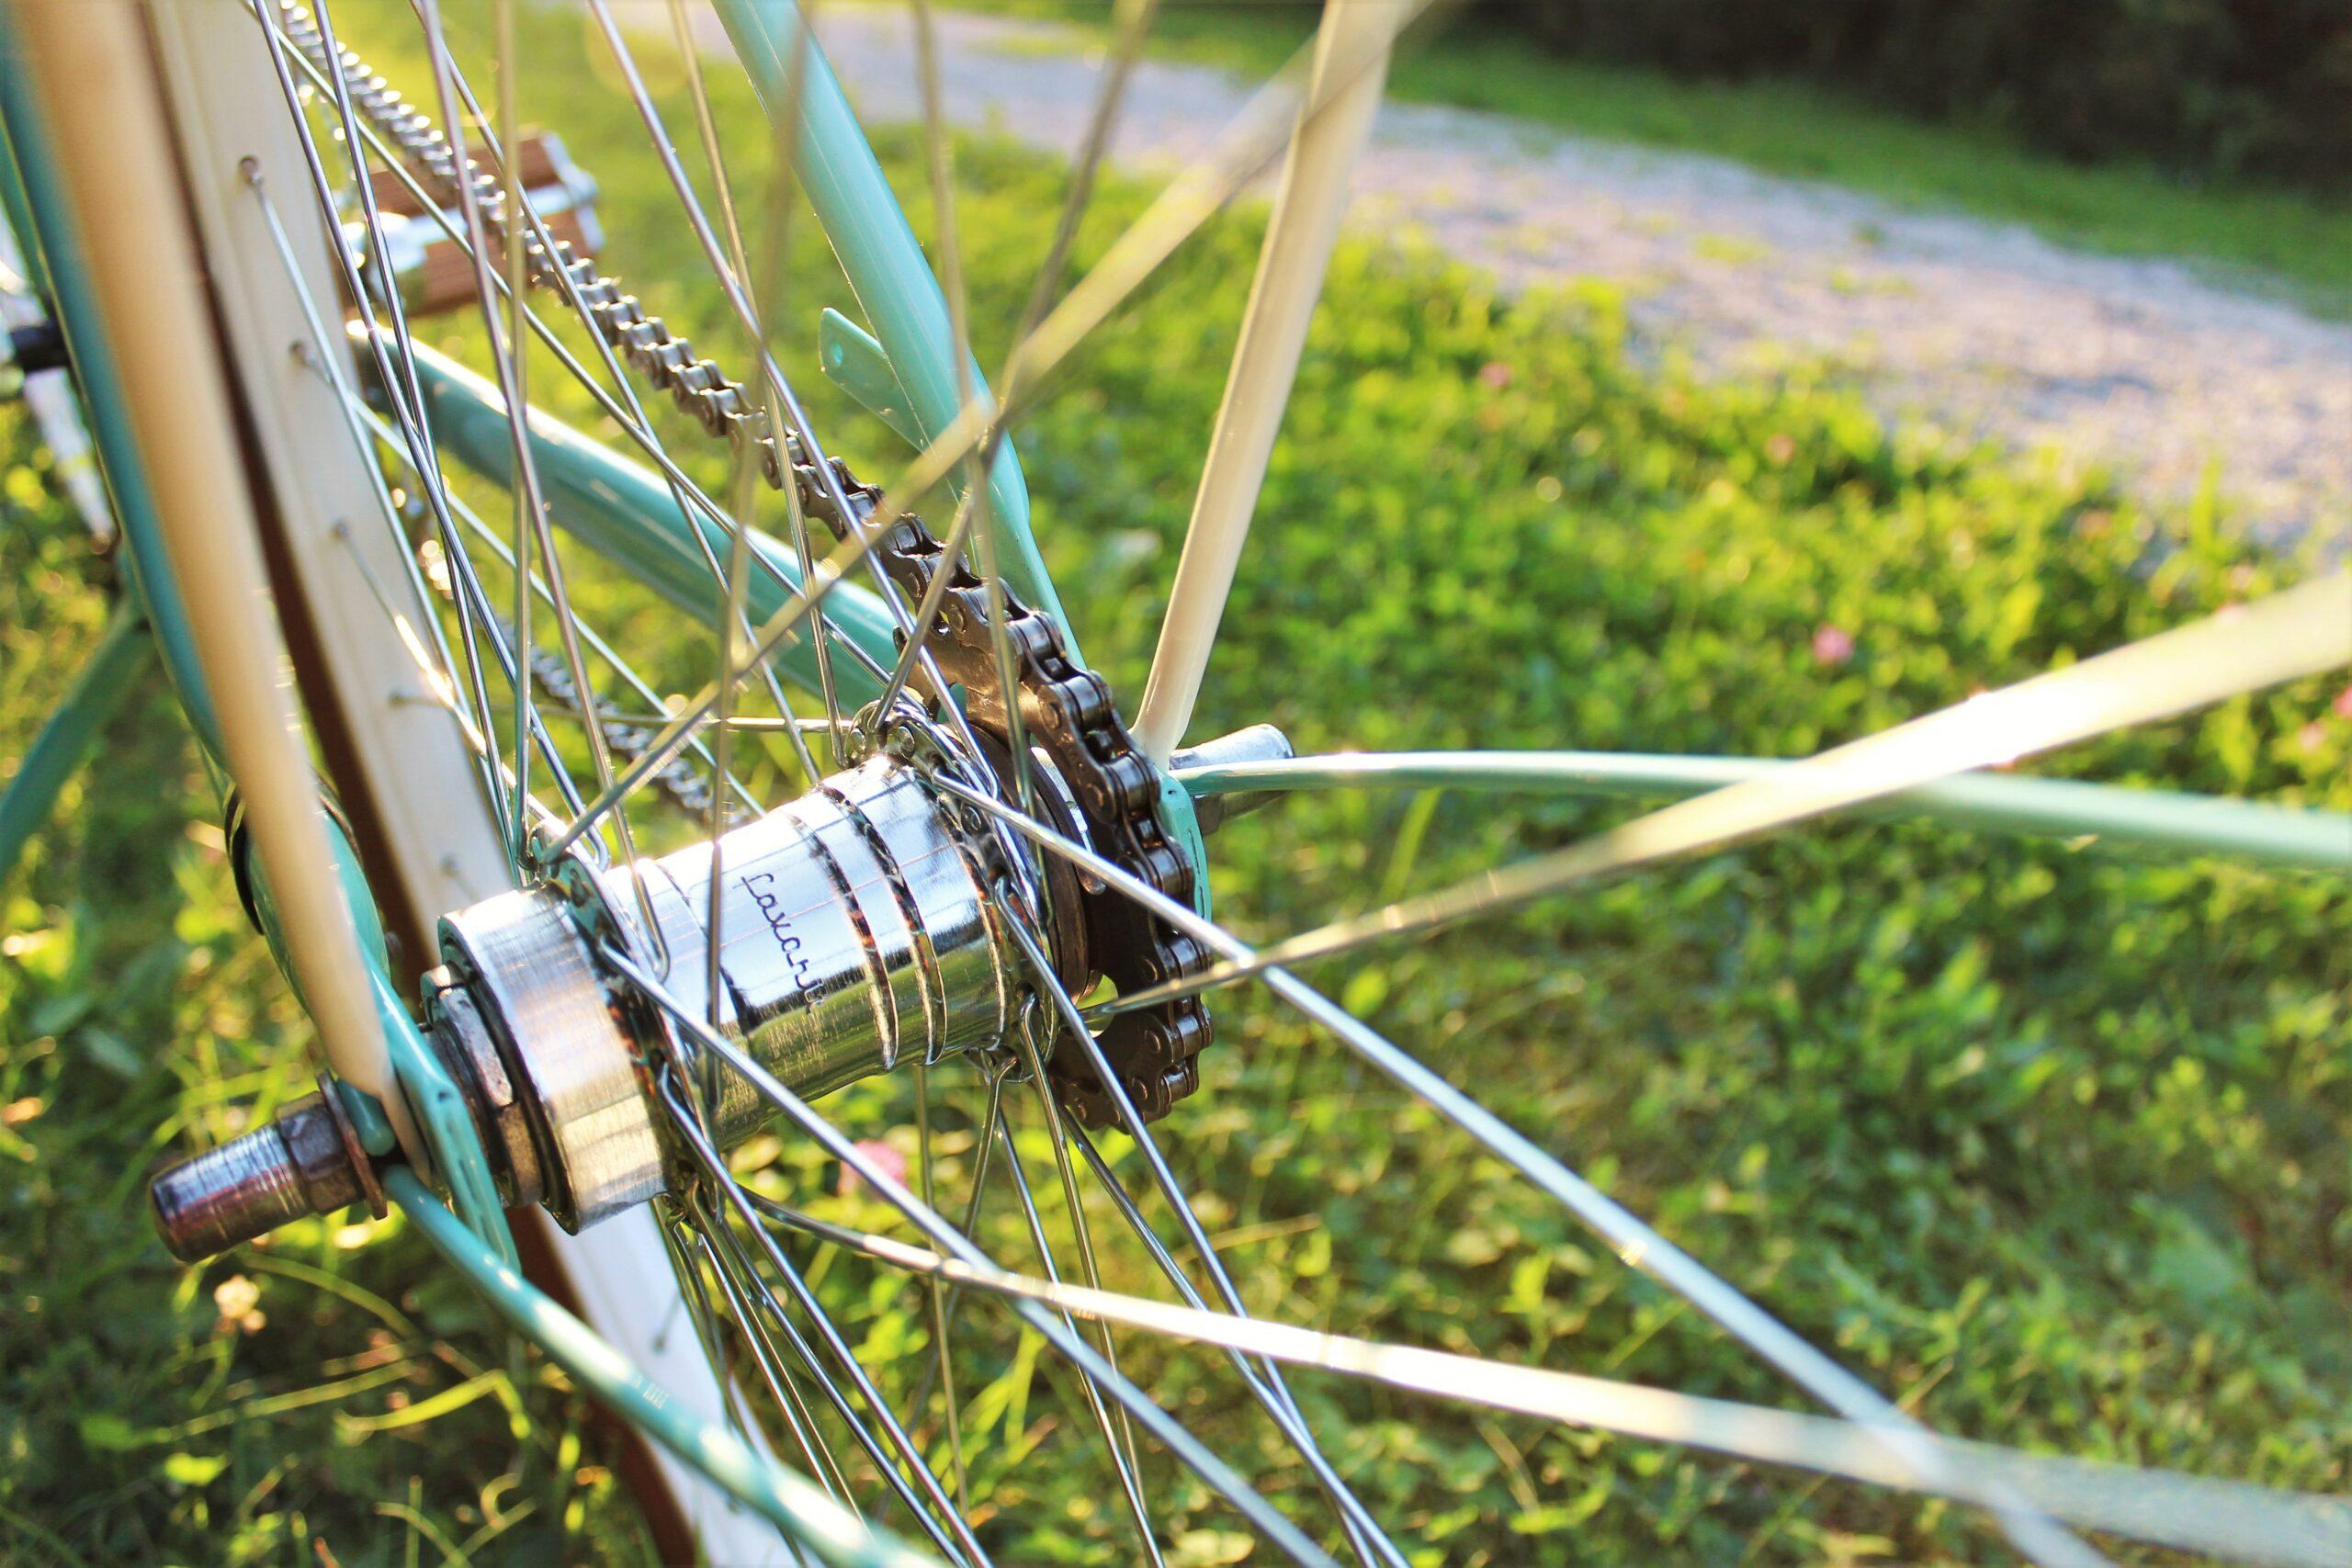 Met WD40 fietsketting smeren - kan dat?